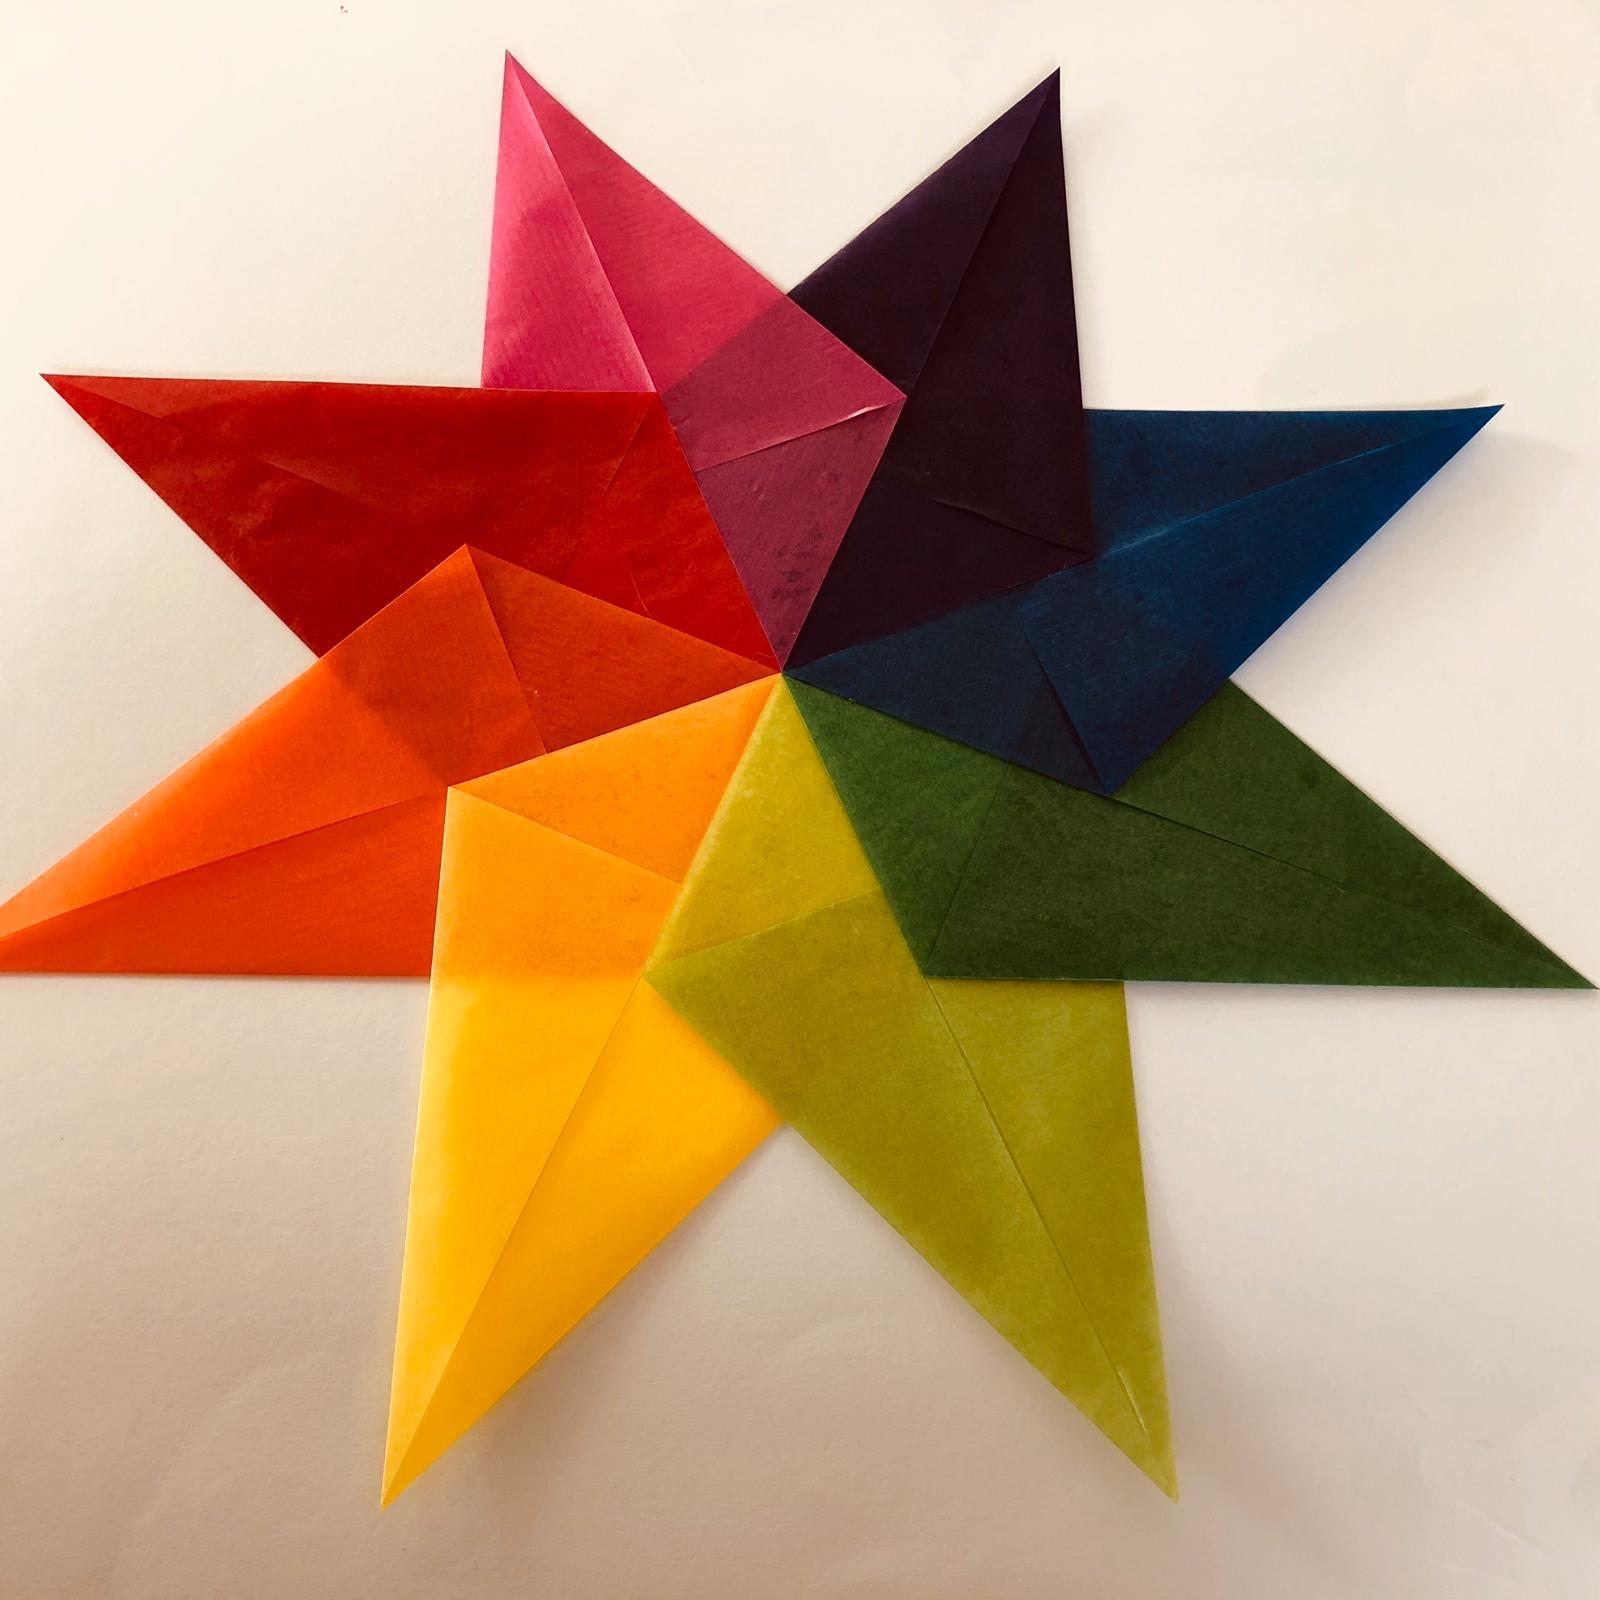 Ster van vliegerpapier - stap 4 - Hout en Plezier